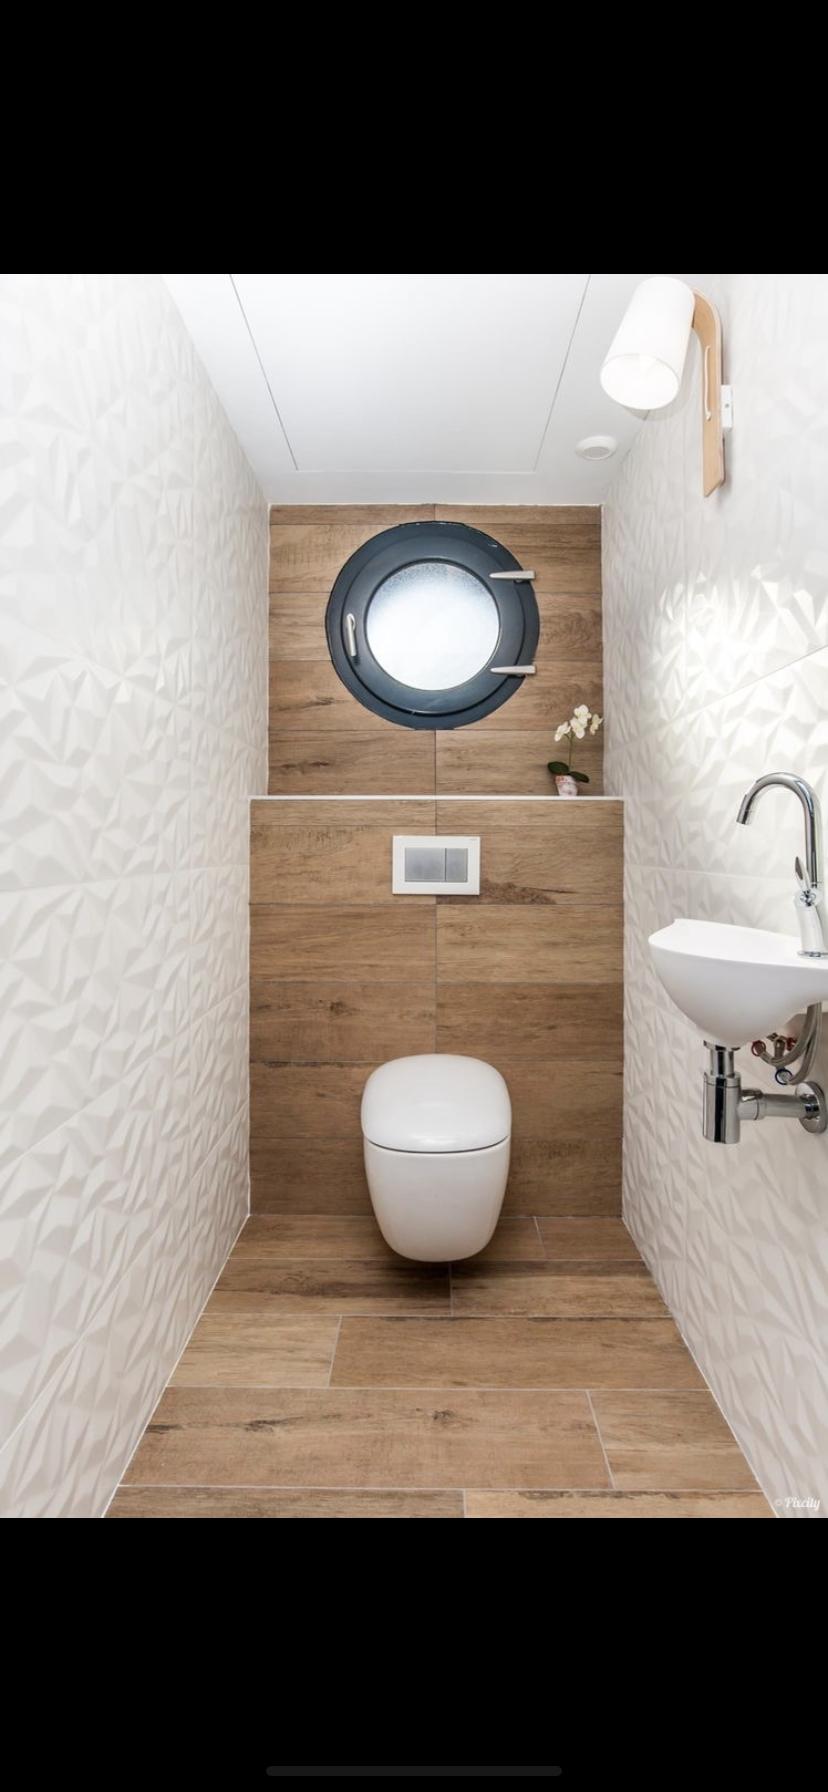 Mur Avec Panneau Mural 3d Wave Fenetre Hublot Incrustee Dans Le Bois Pour Le Rappel Du B Amenagement Salle De Bain Deco Toilettes Carrelage Toilette